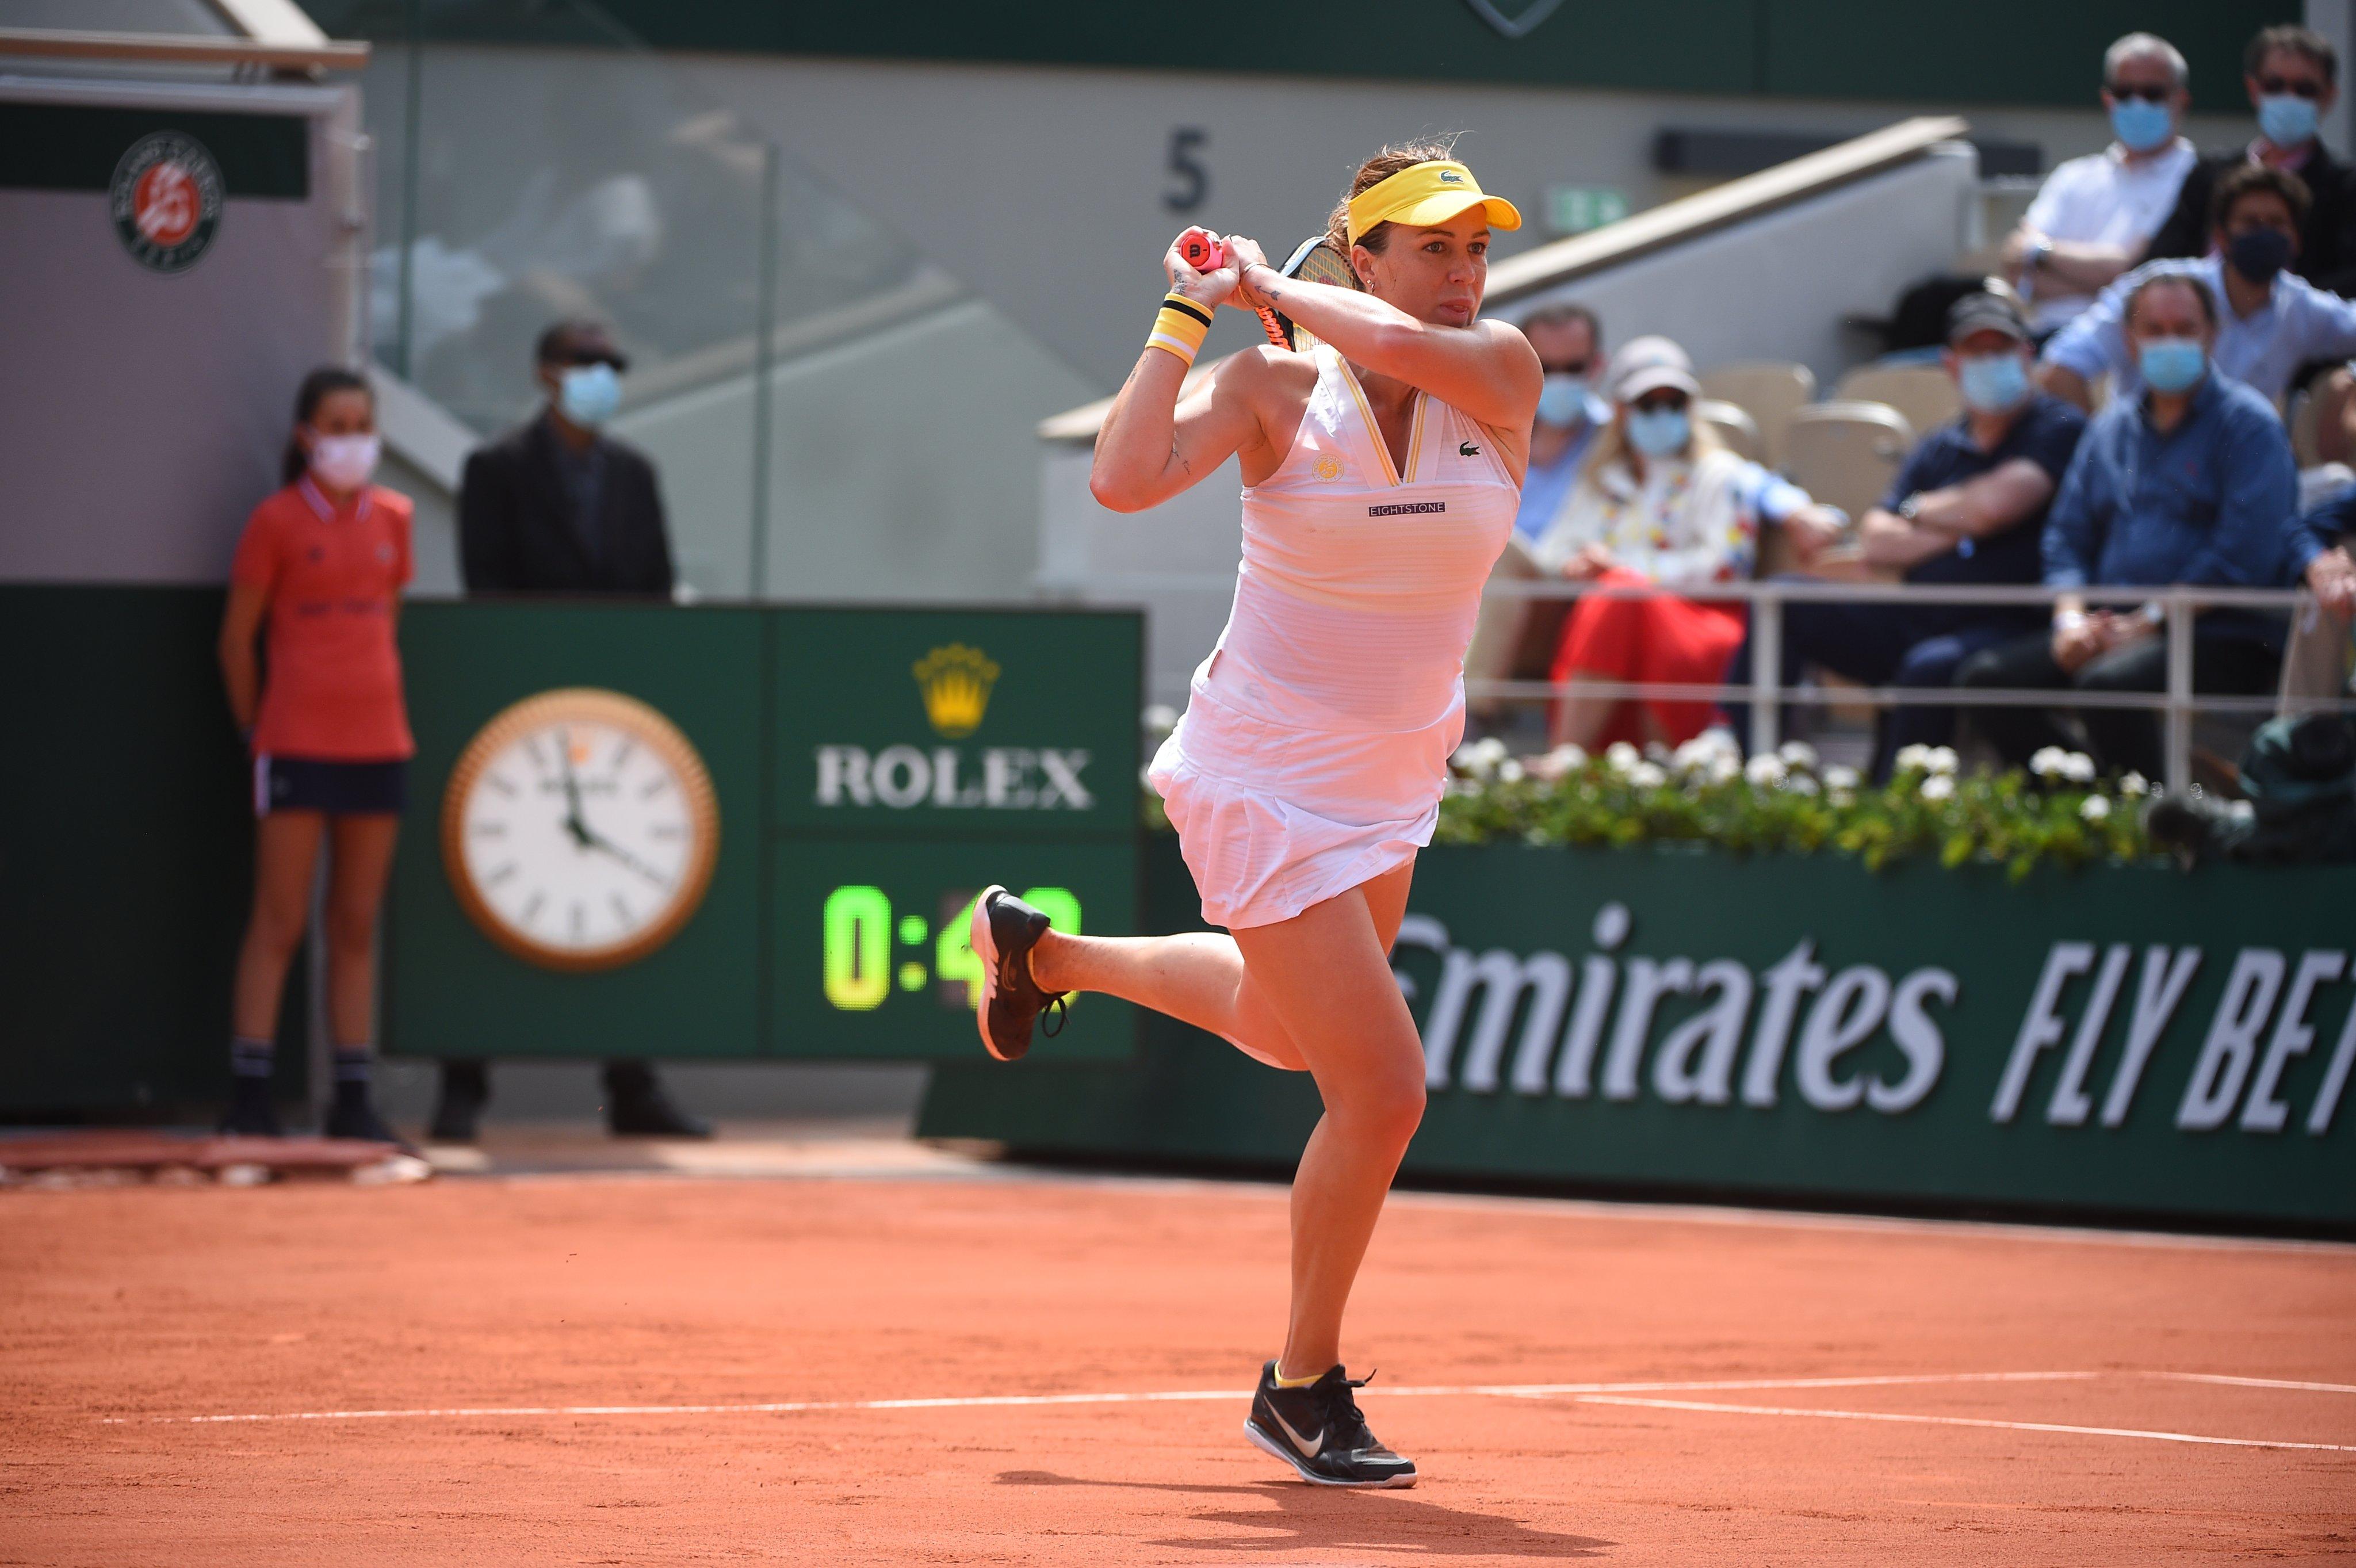 Праздник отменяется. Павлюченкова проиграла золотой сет в финале «Ролан Гаррос»